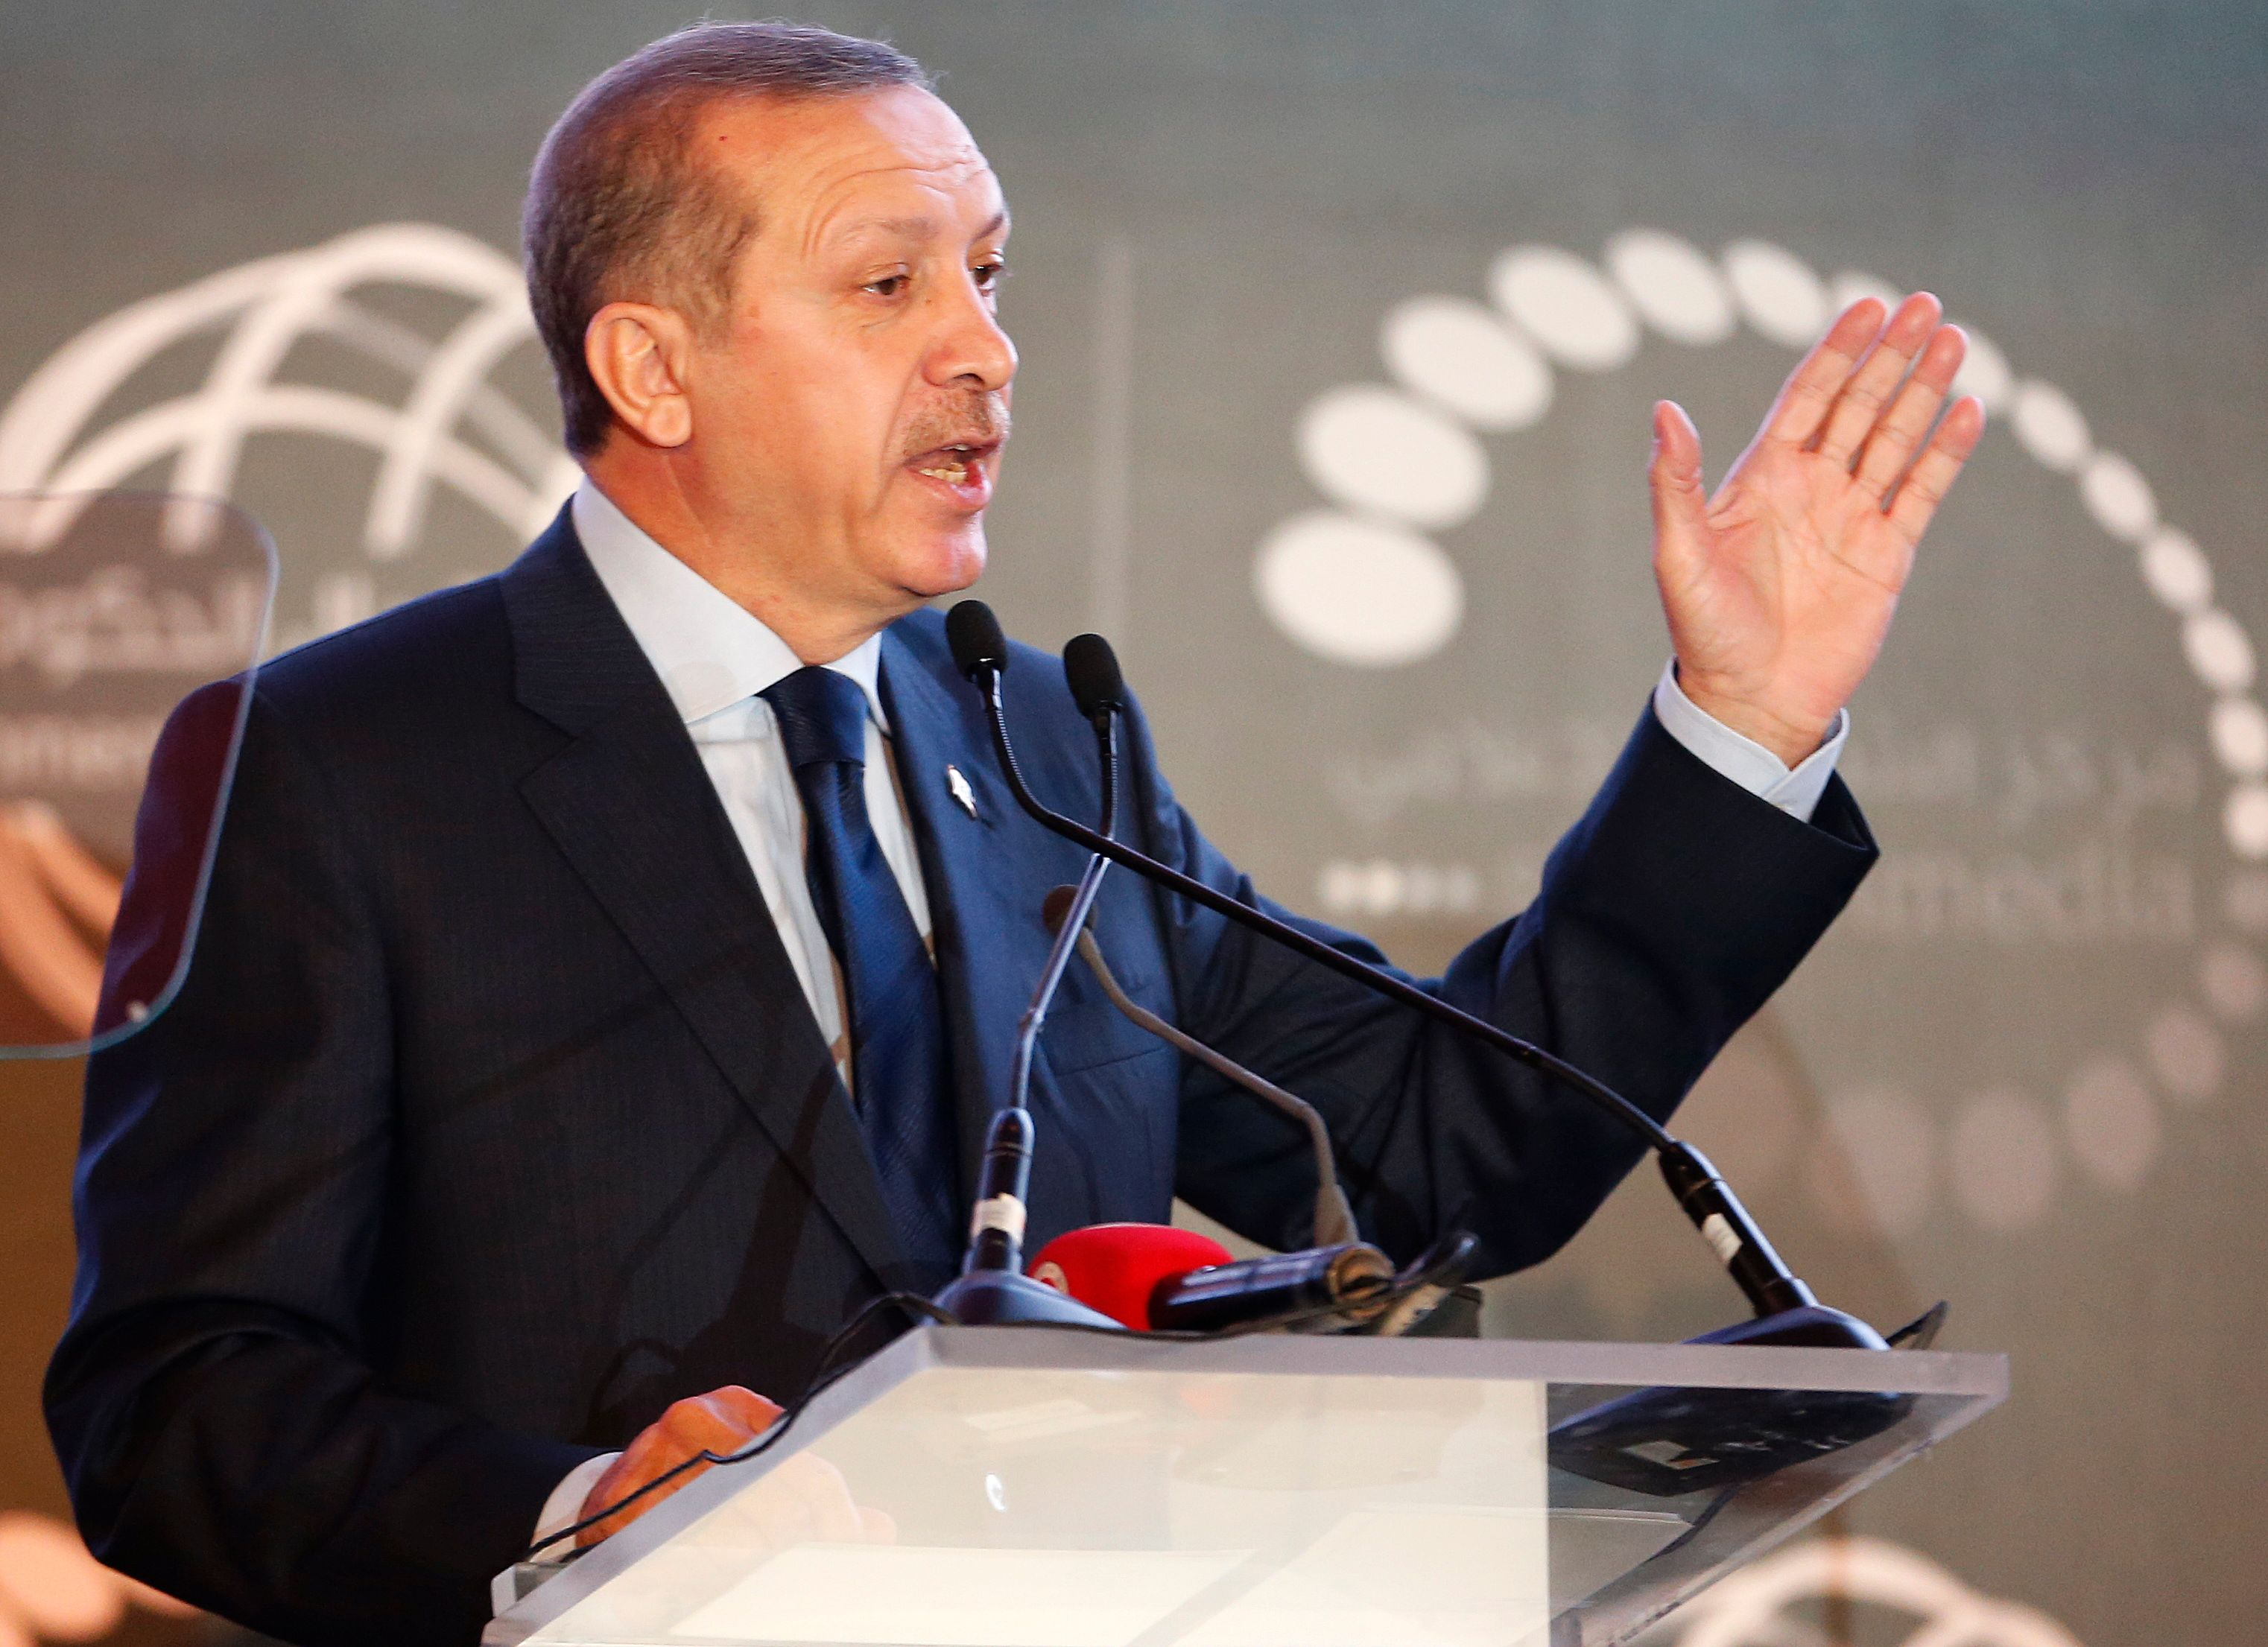 Après le Brexit, voilà le Turxin : quand Erdogan organise un référendum sur l'adhésion de la Turquie à l'Union européenne